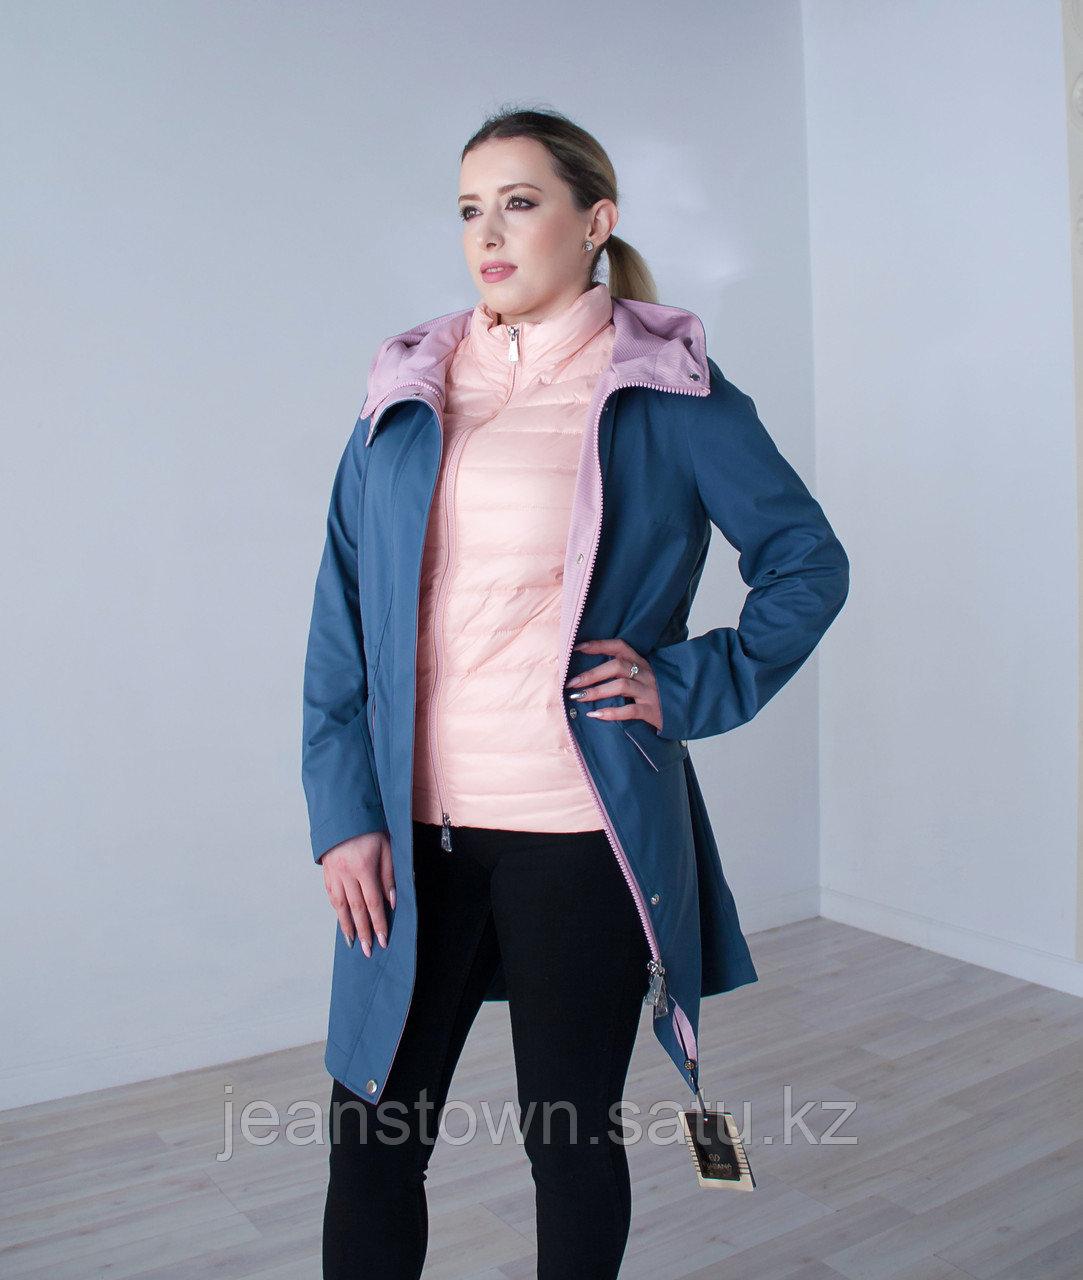 Куртка женская демисезонная  Evacana голубая с жилетом